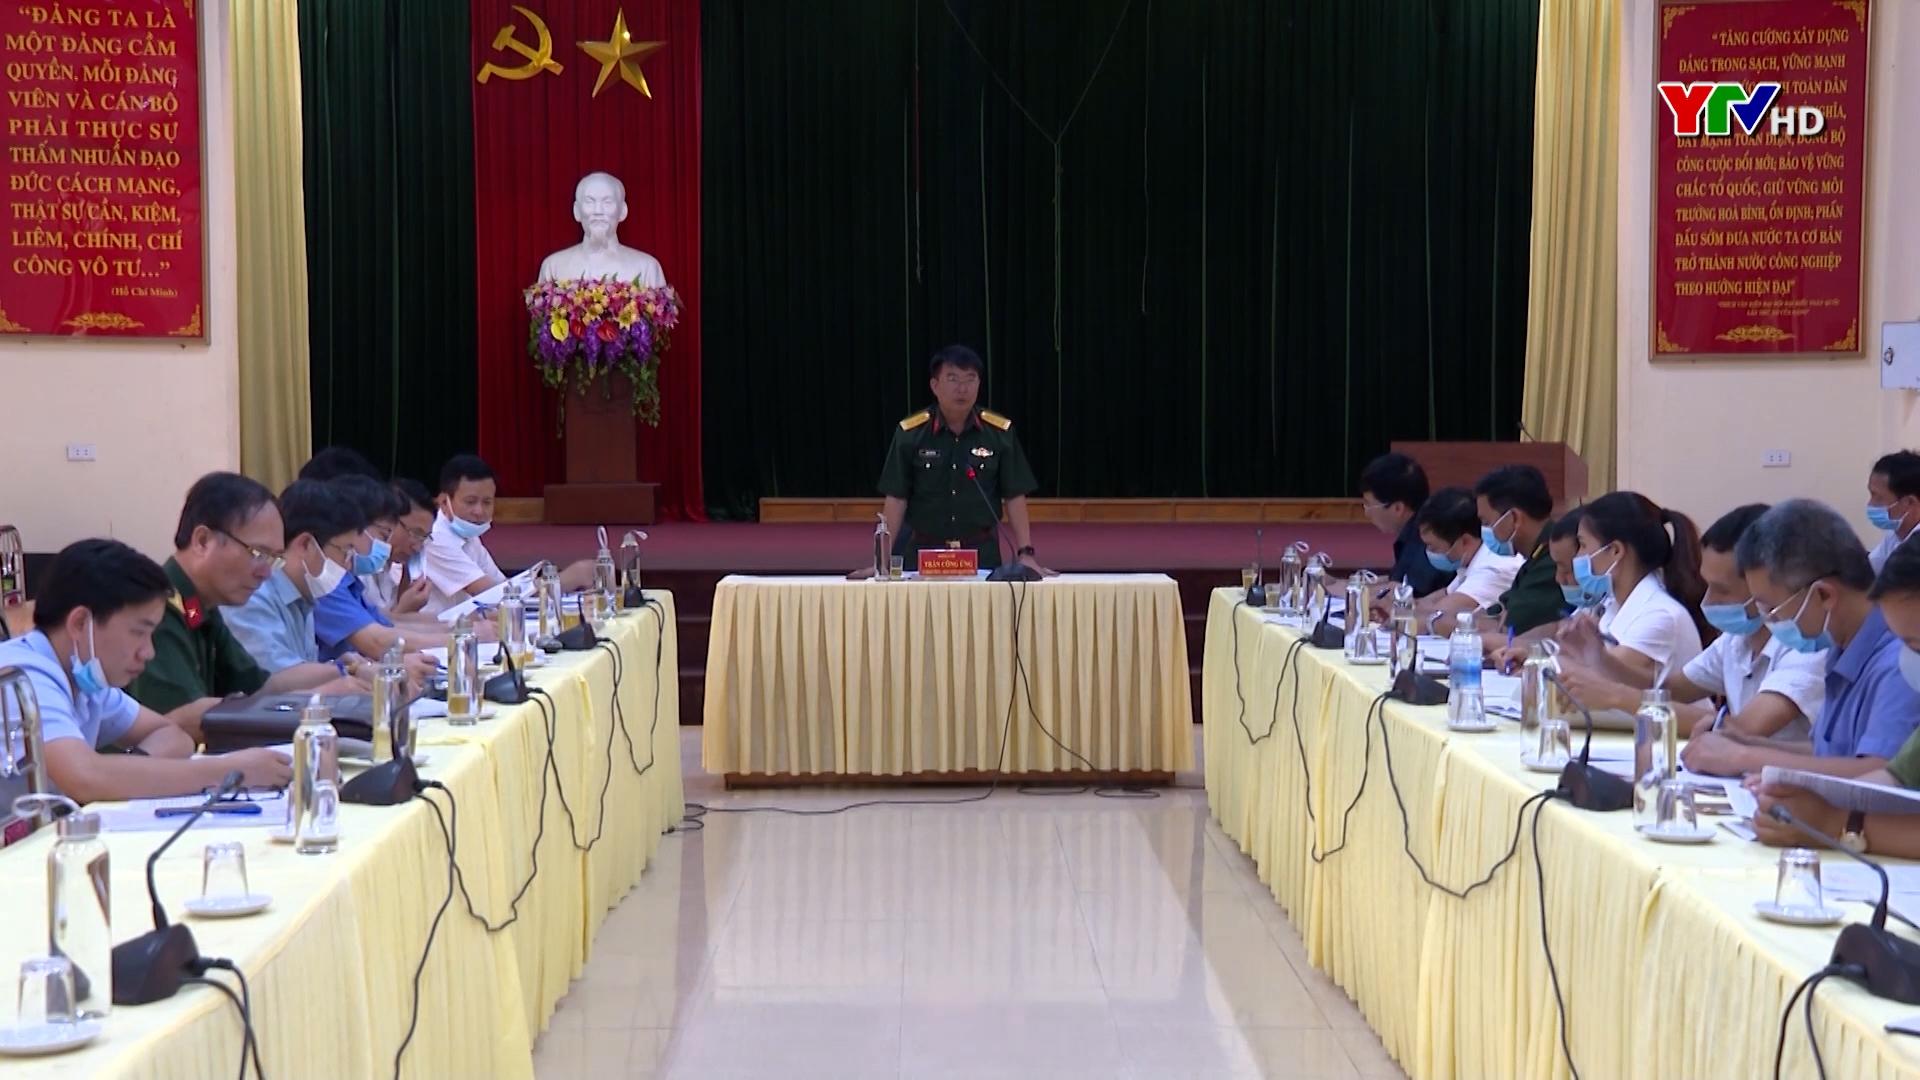 Đại tá Trần Công Ứng - Chỉ huy trưởng Bộ CHQS tỉnh kiểm tra công tác PCTT- TKCN tại huyện Trạm Tấu